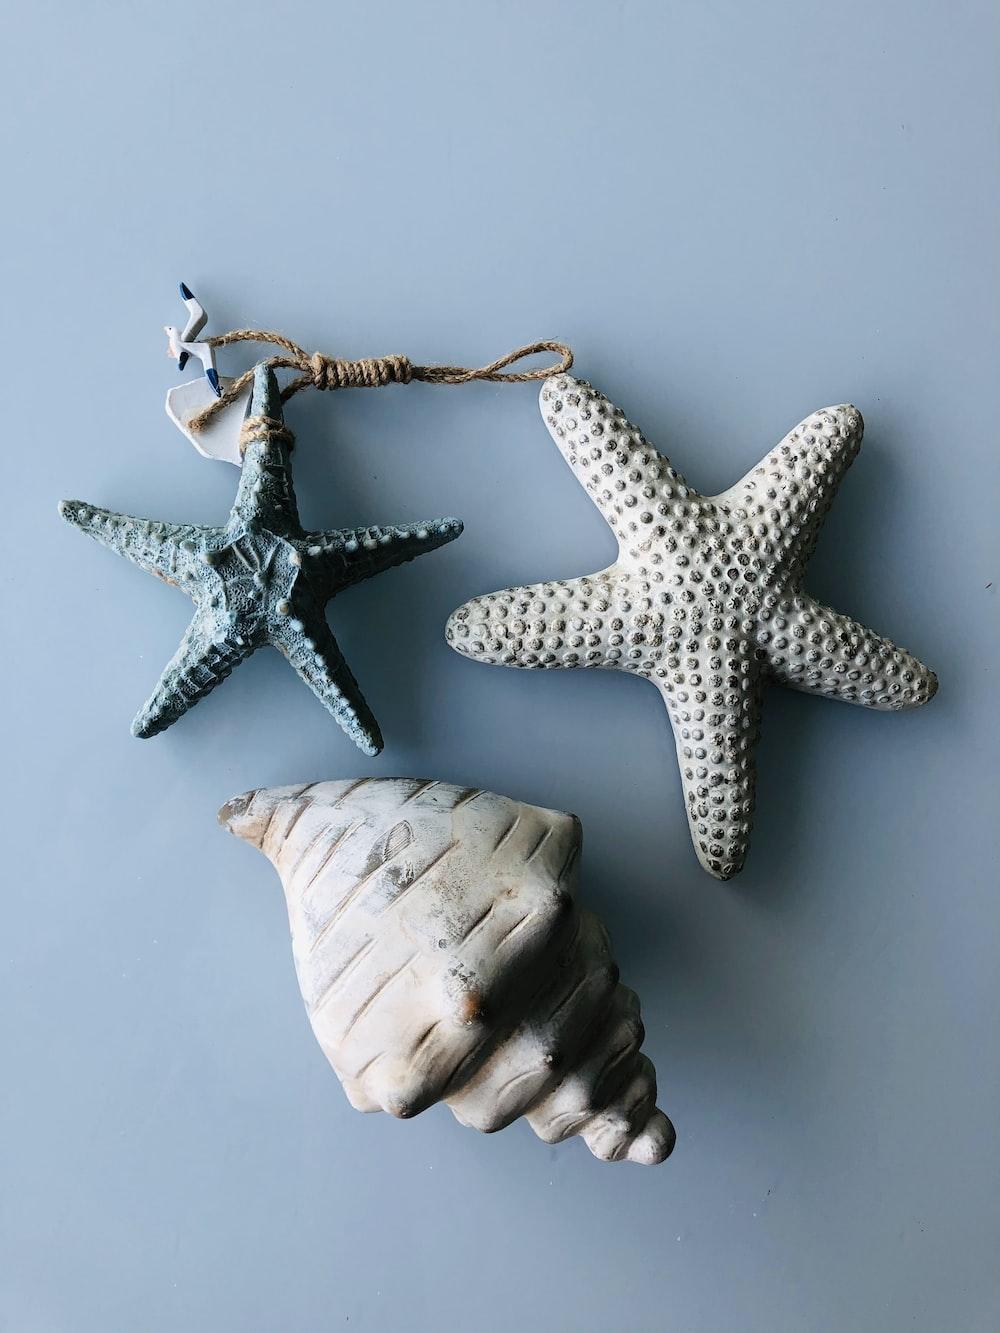 white starfish beside white starfish